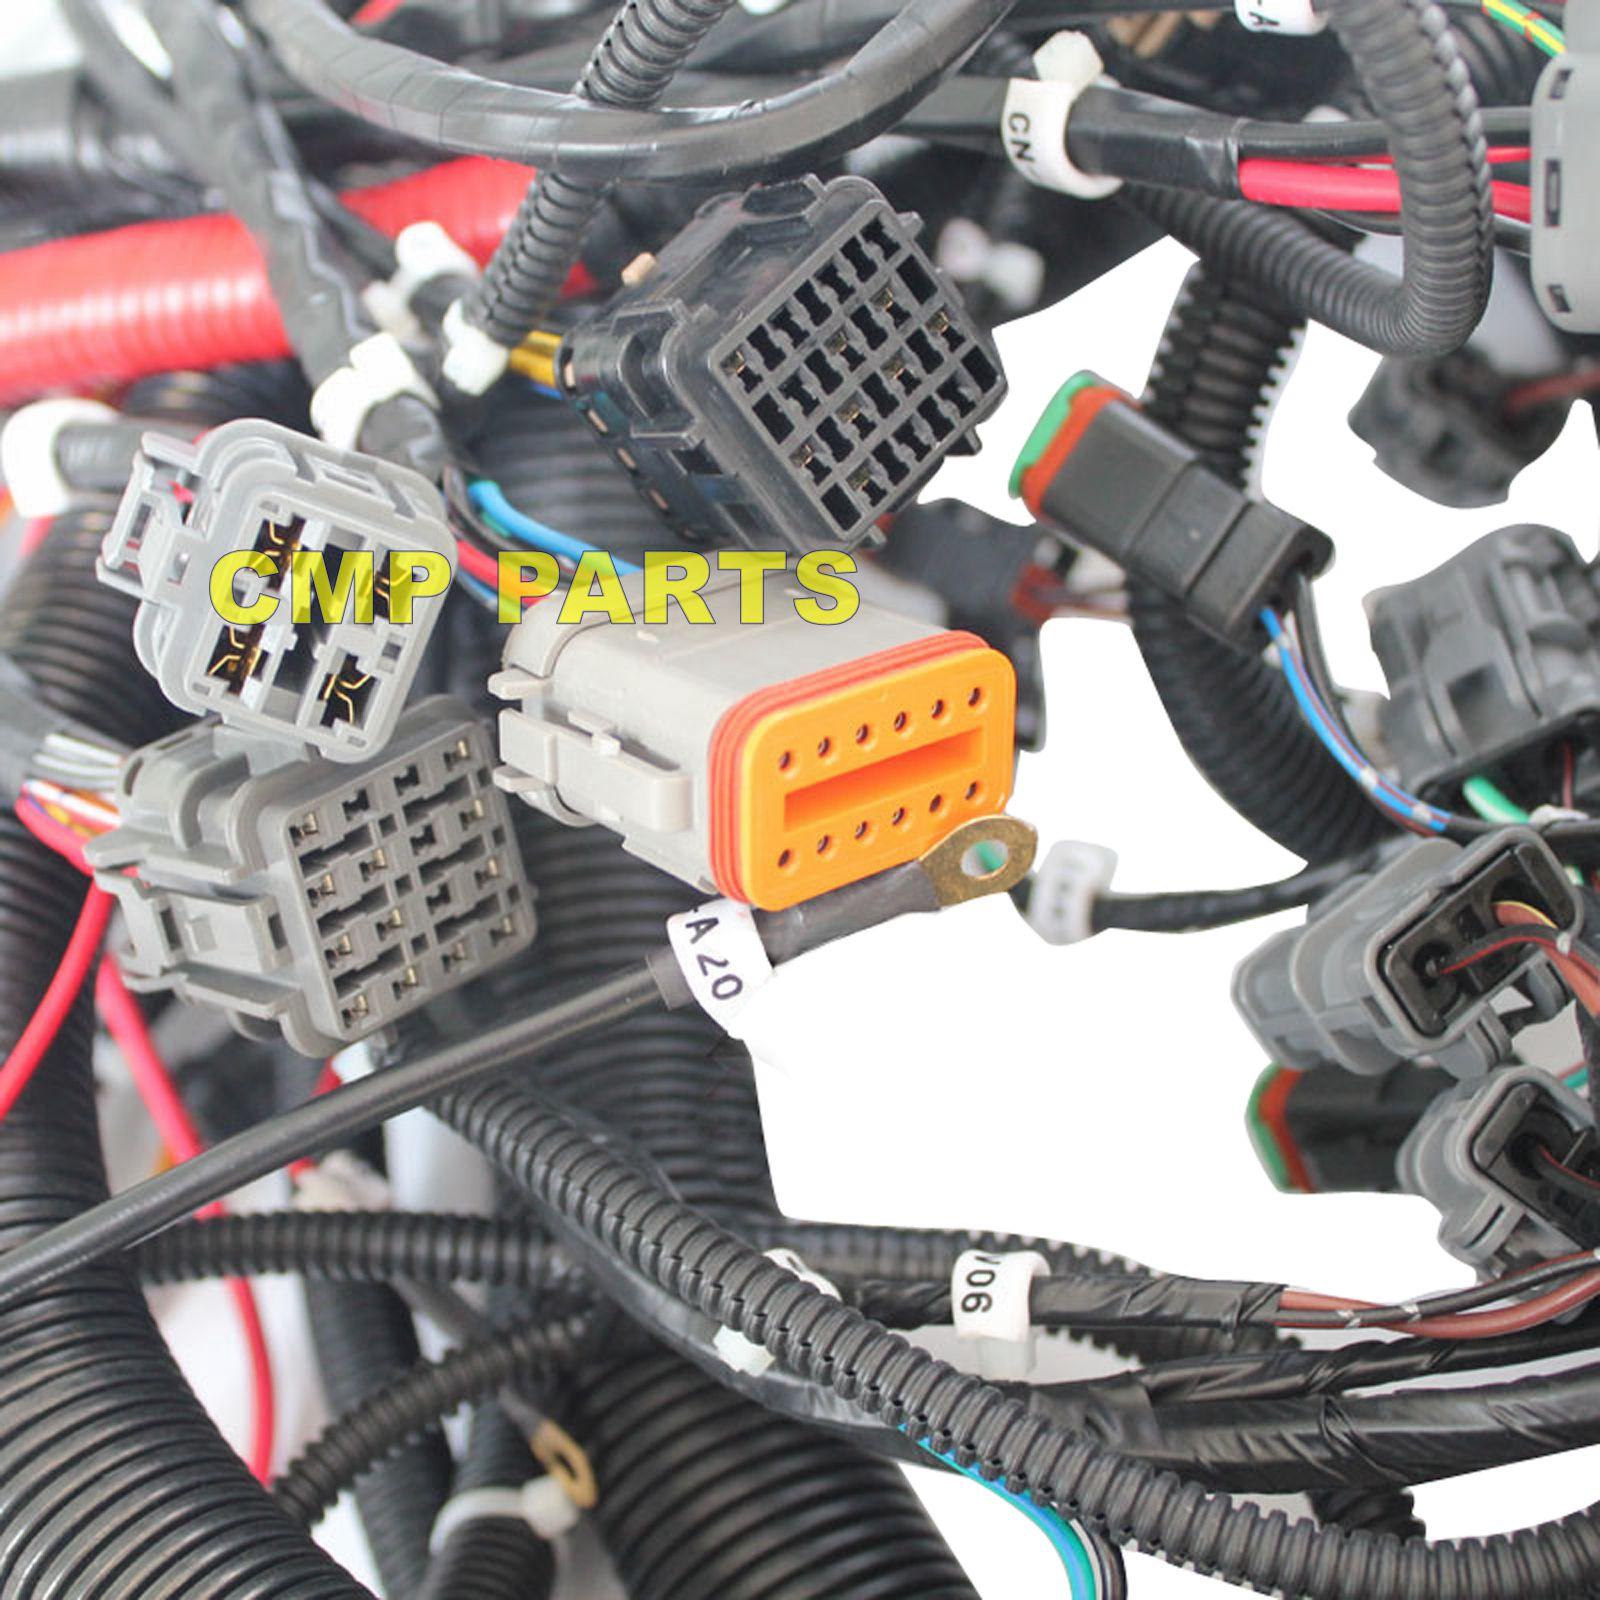 external wiring harness new for komatsu excavator productpicture0 productpicture1 productpicture2 productpicture3